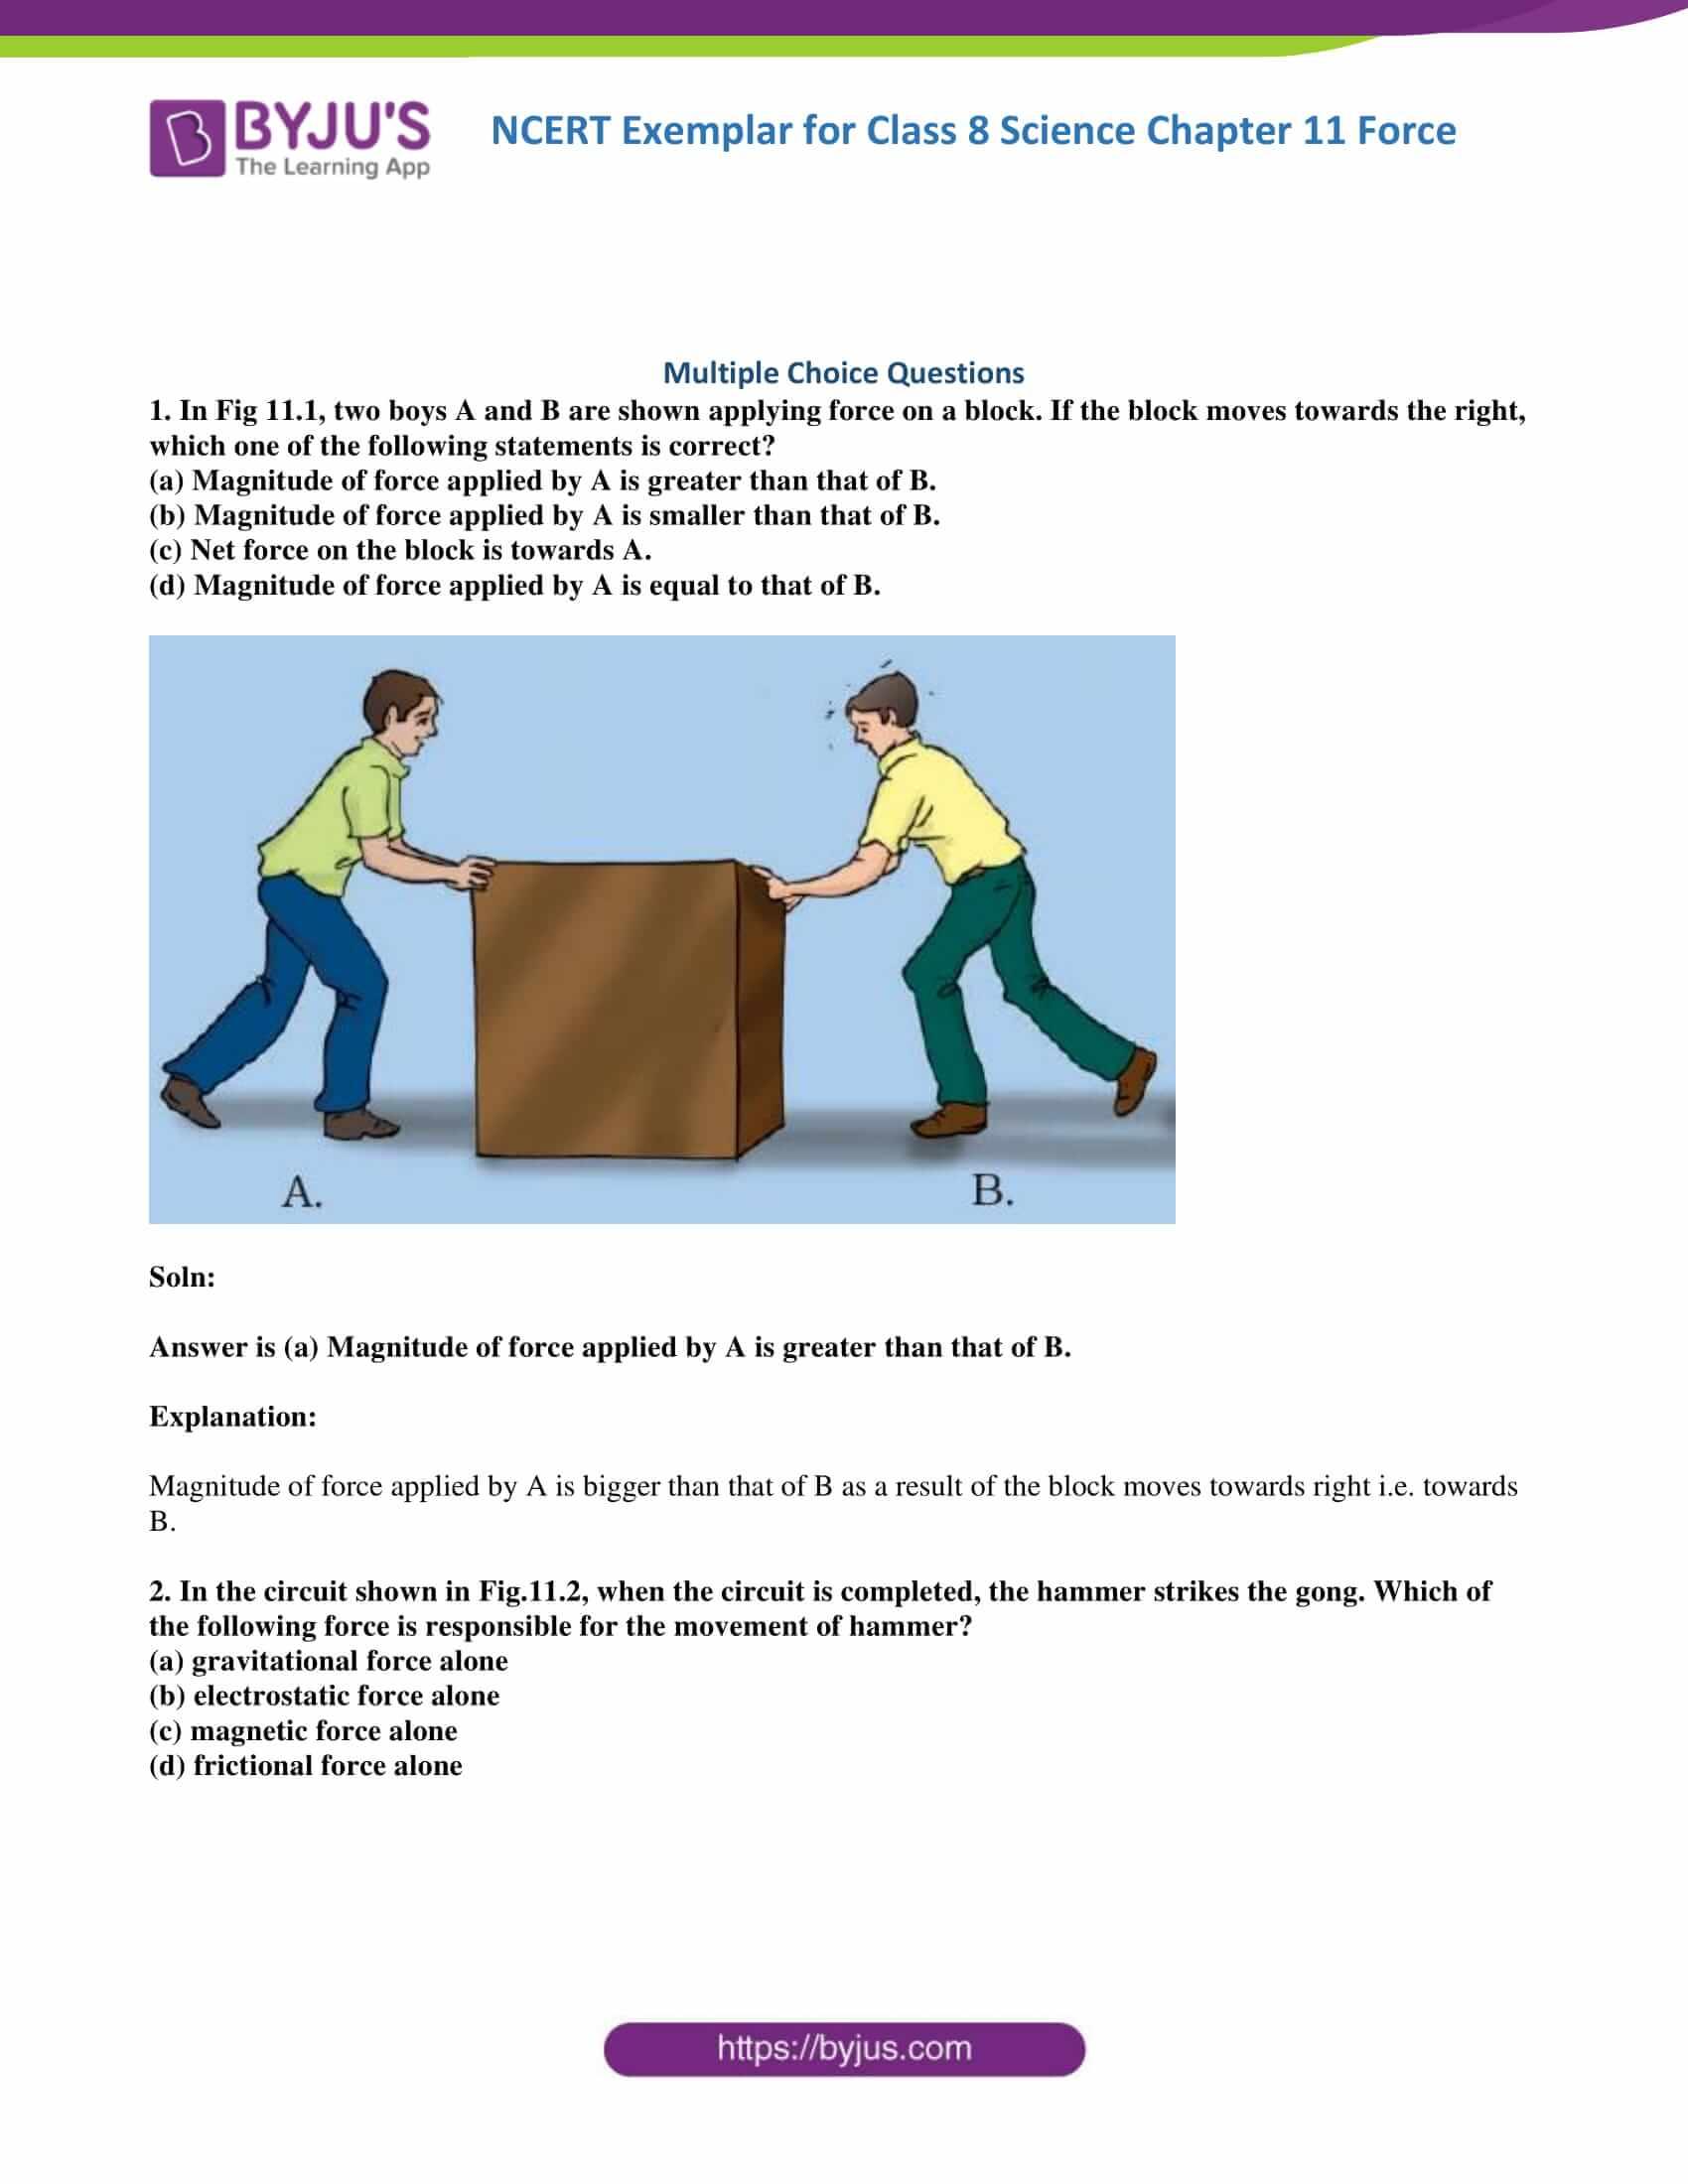 NCERT Exemplar solution class 8 Science Chapter 11 part 01